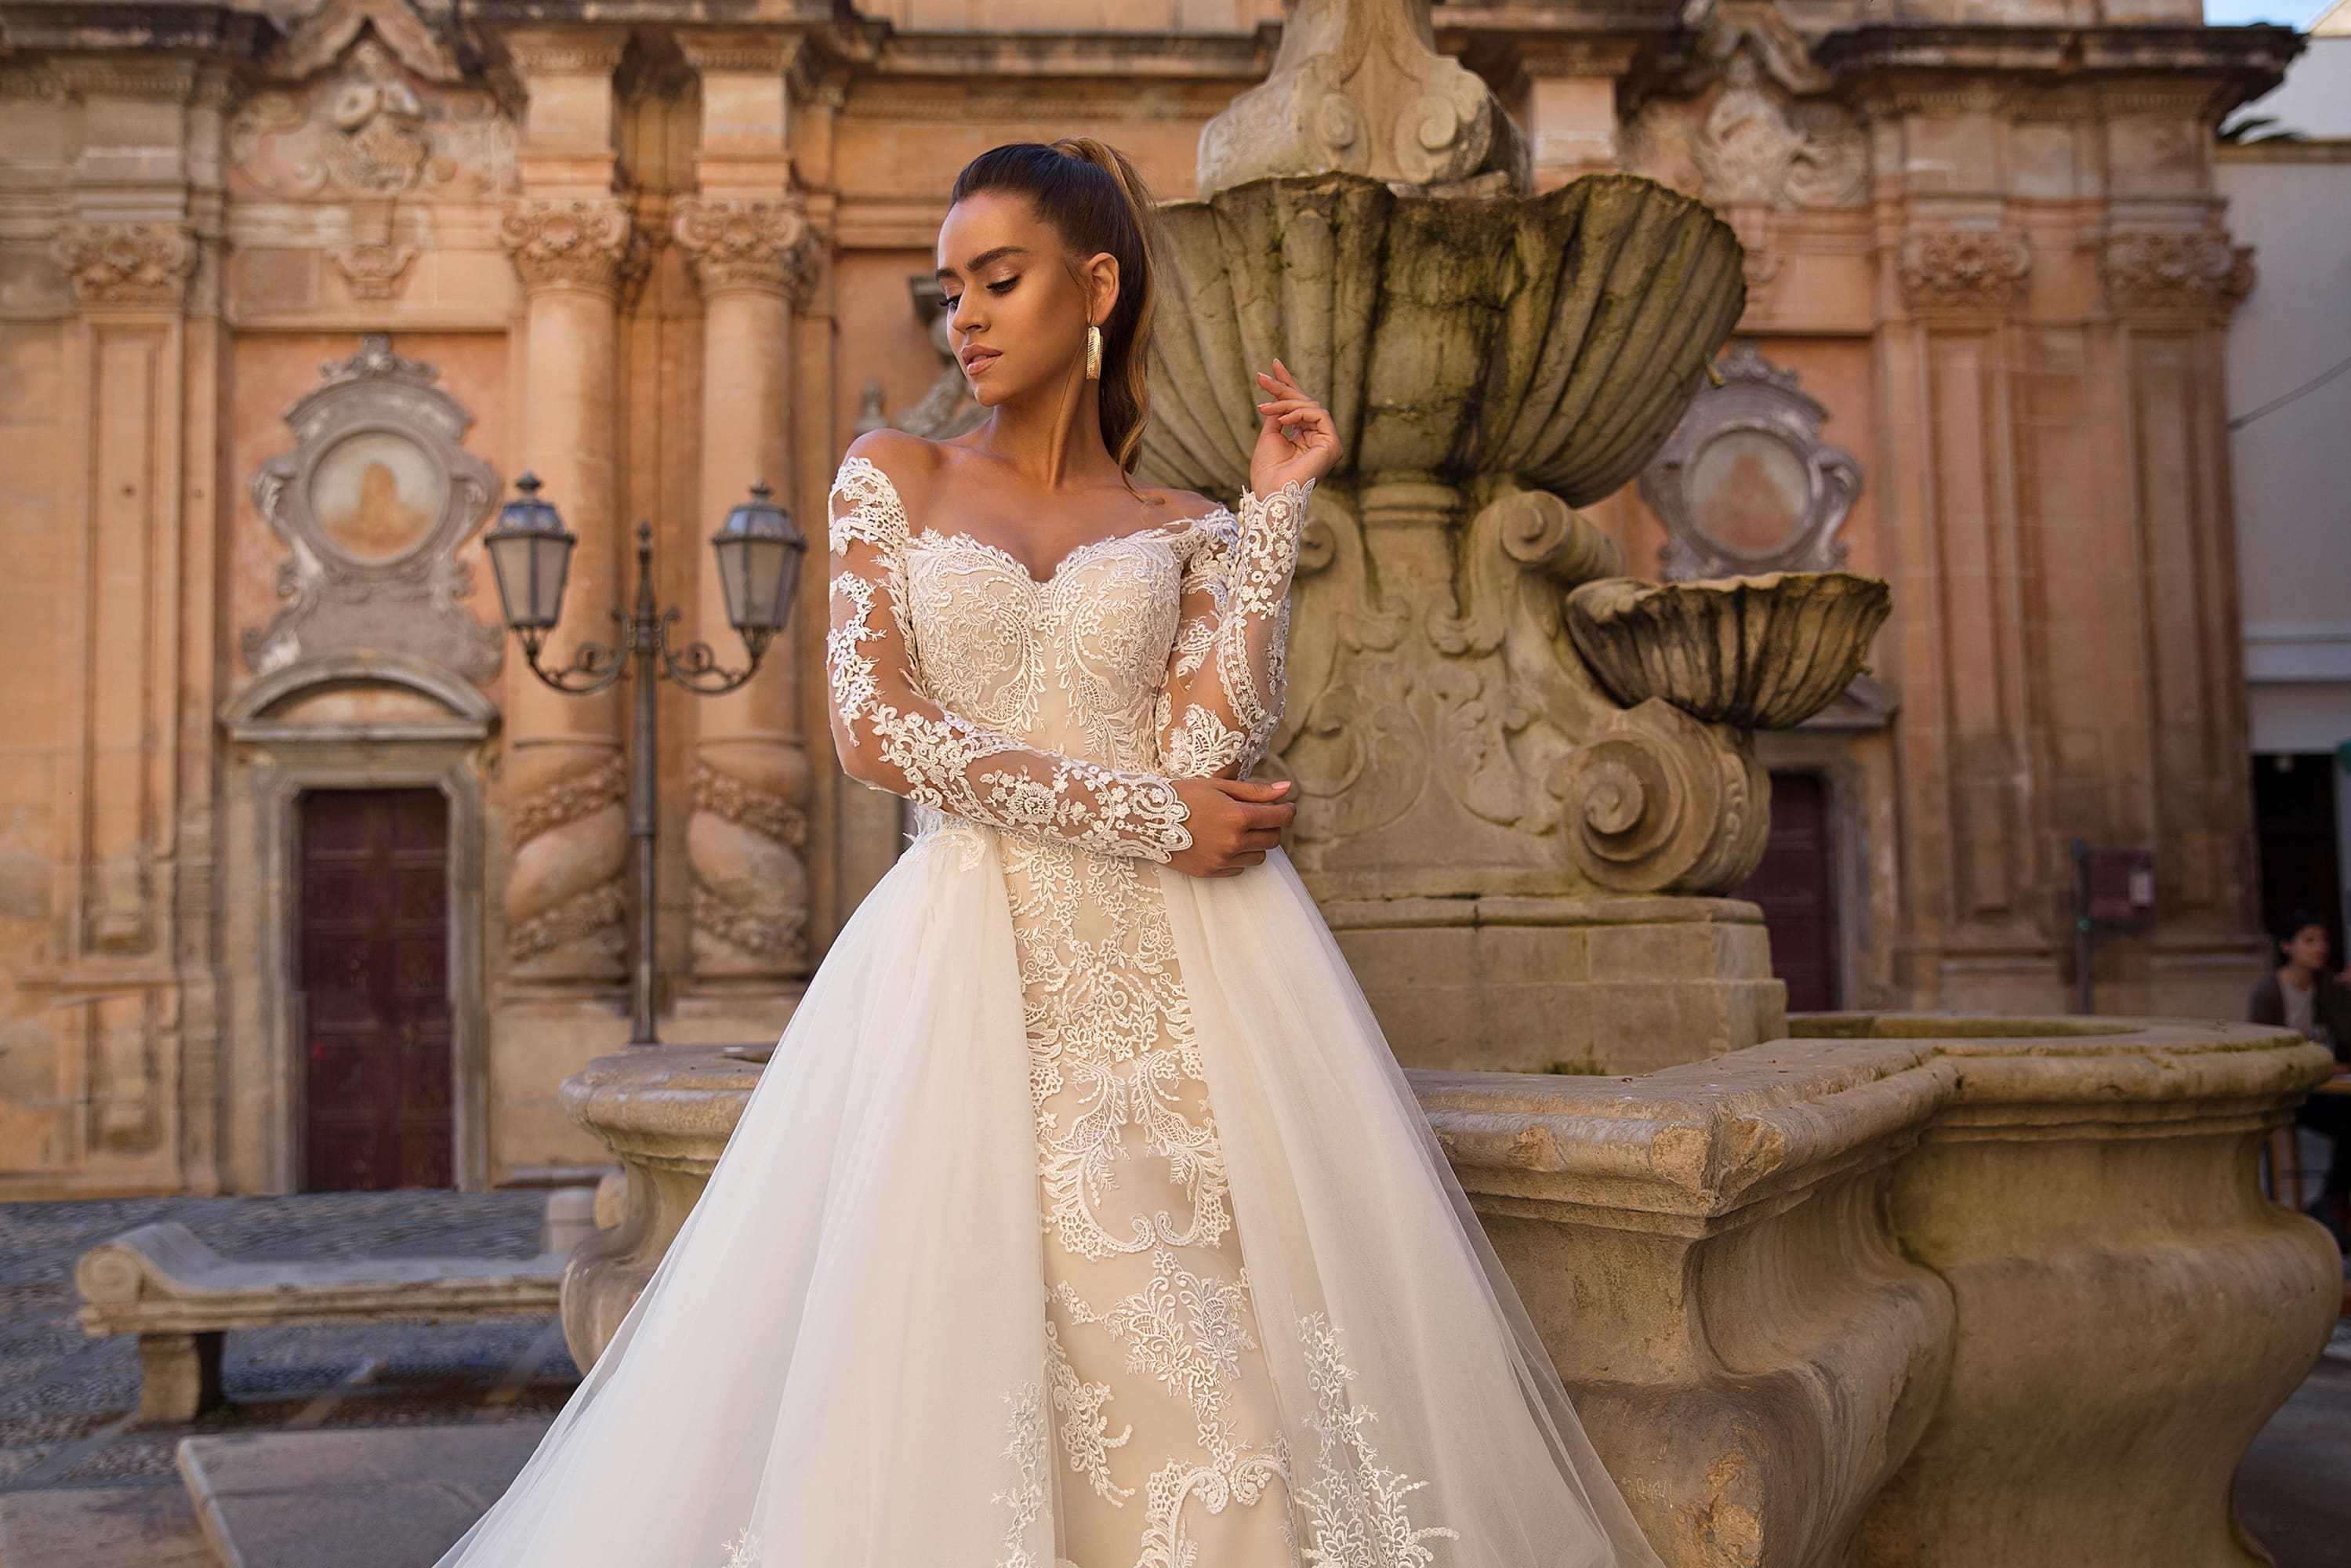 Vestidos de novia sirena con tren desmontable 2020 ilusión escote manga larga encaje vestidos de novia